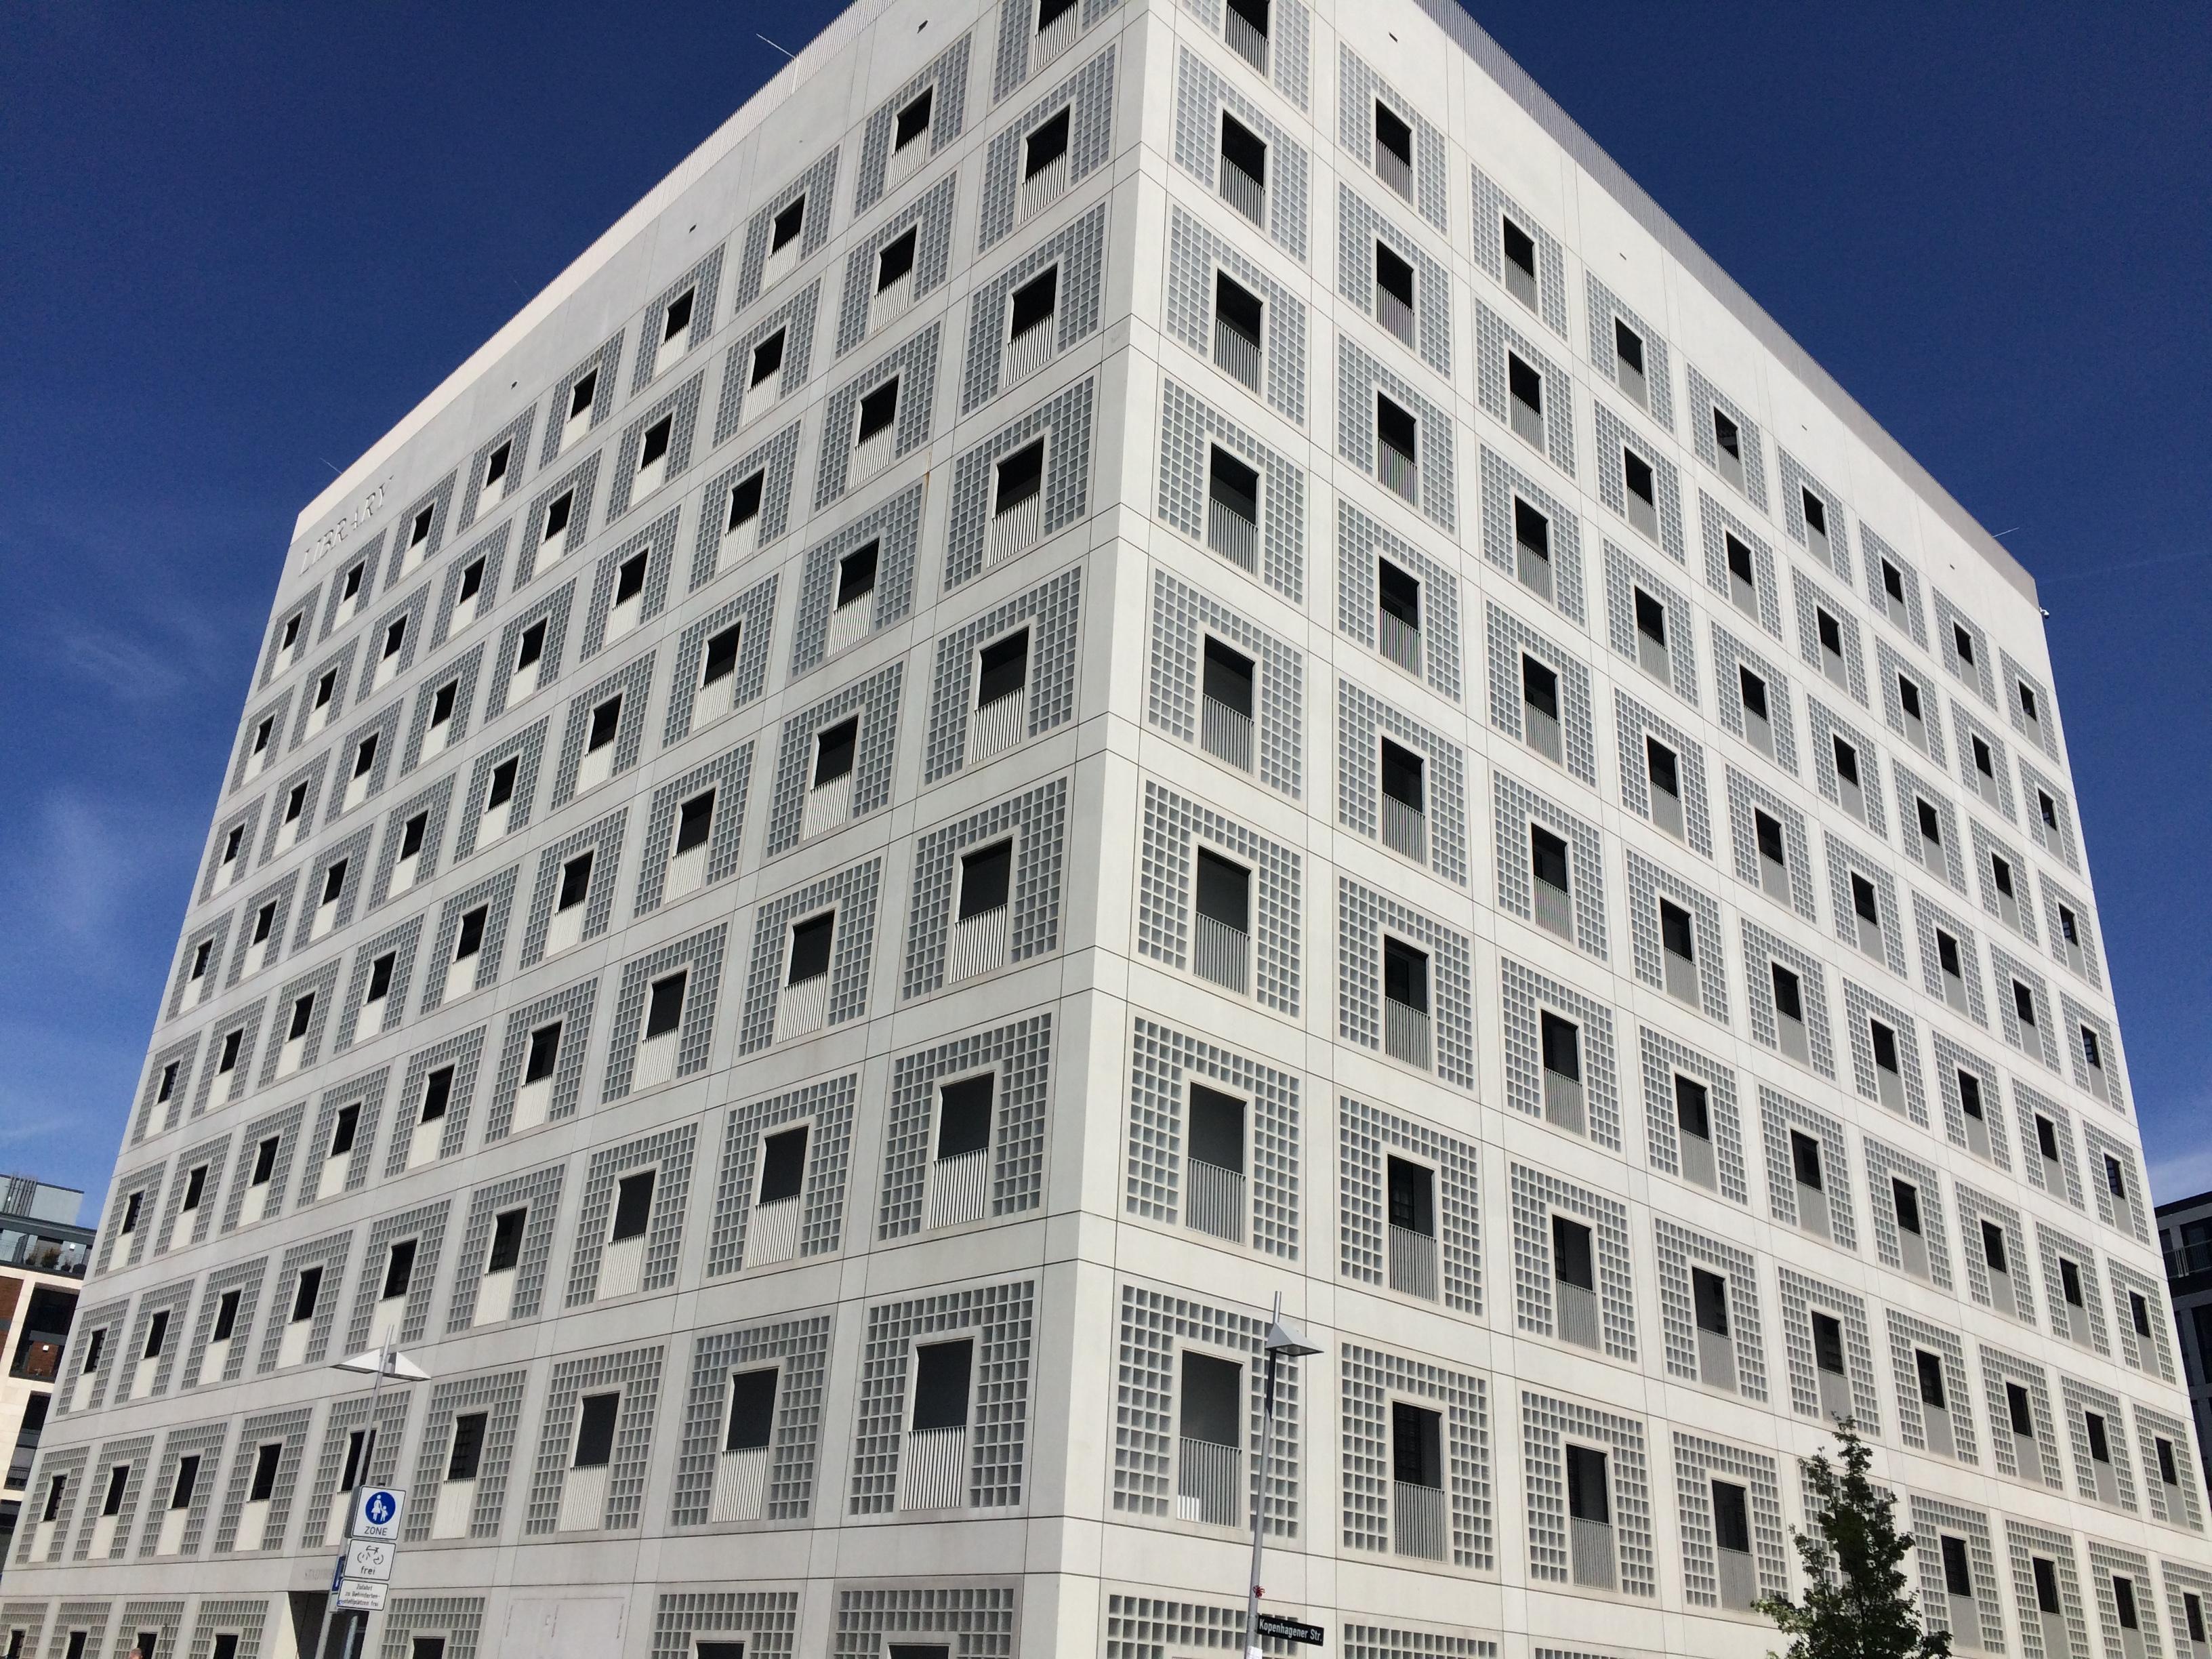 Stuttgart Aussichtspunkte Stadtbibliothek